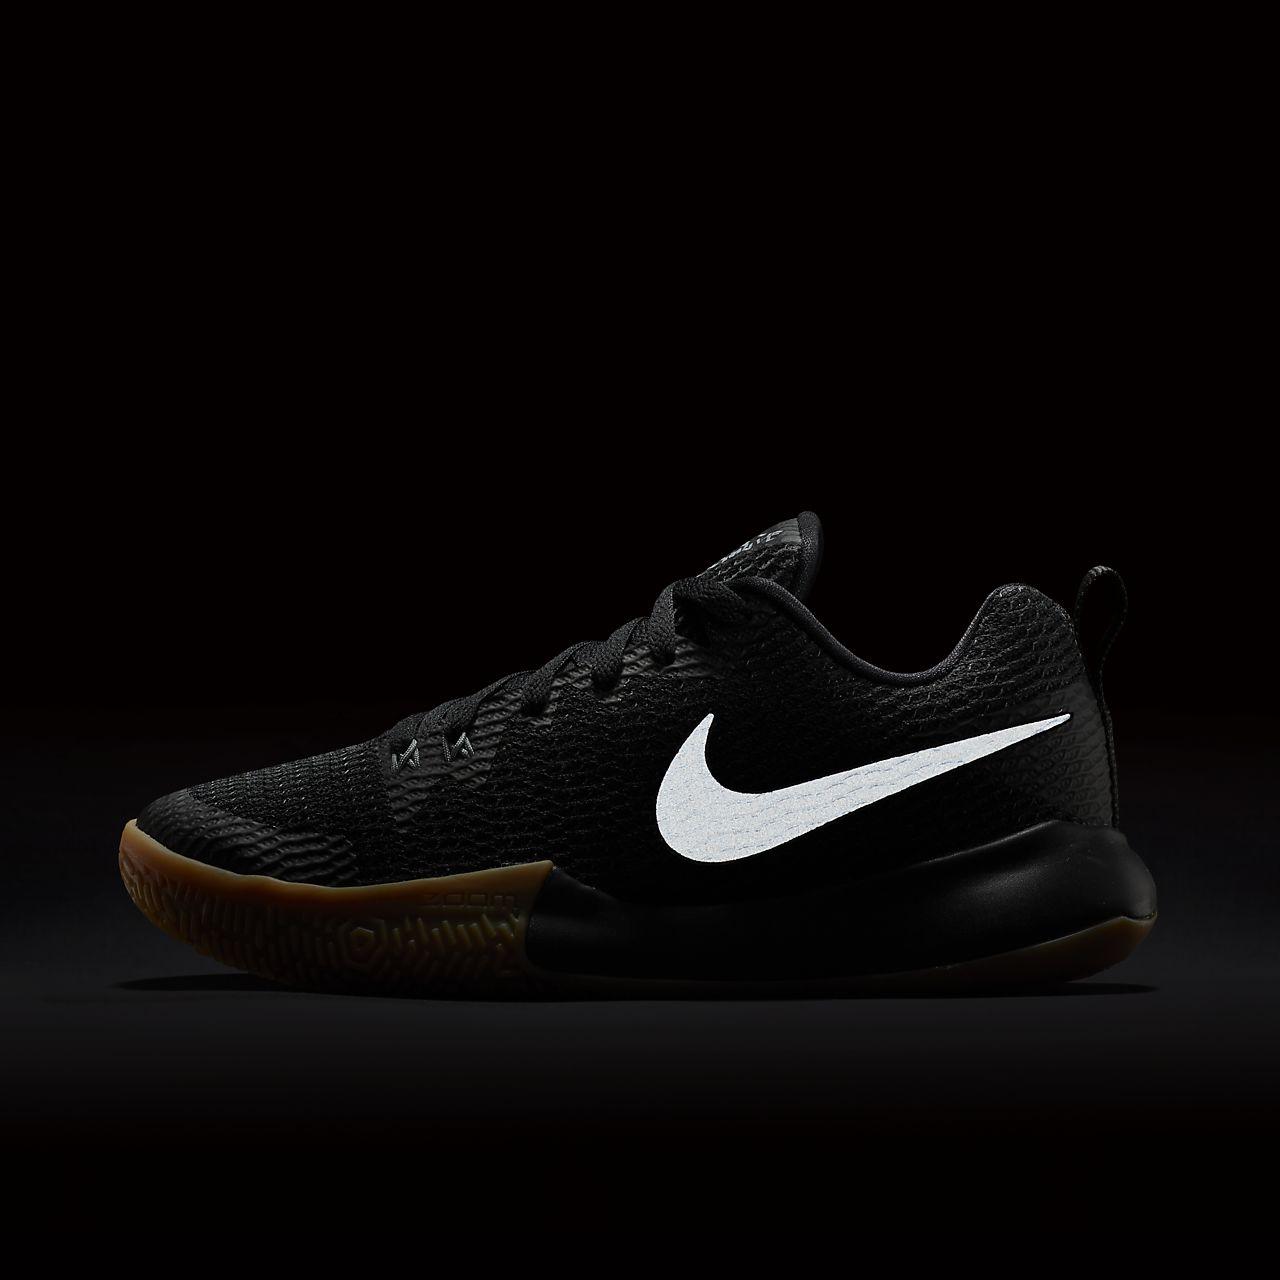 ... Nike Zoom Live II Women's Basketball Shoe